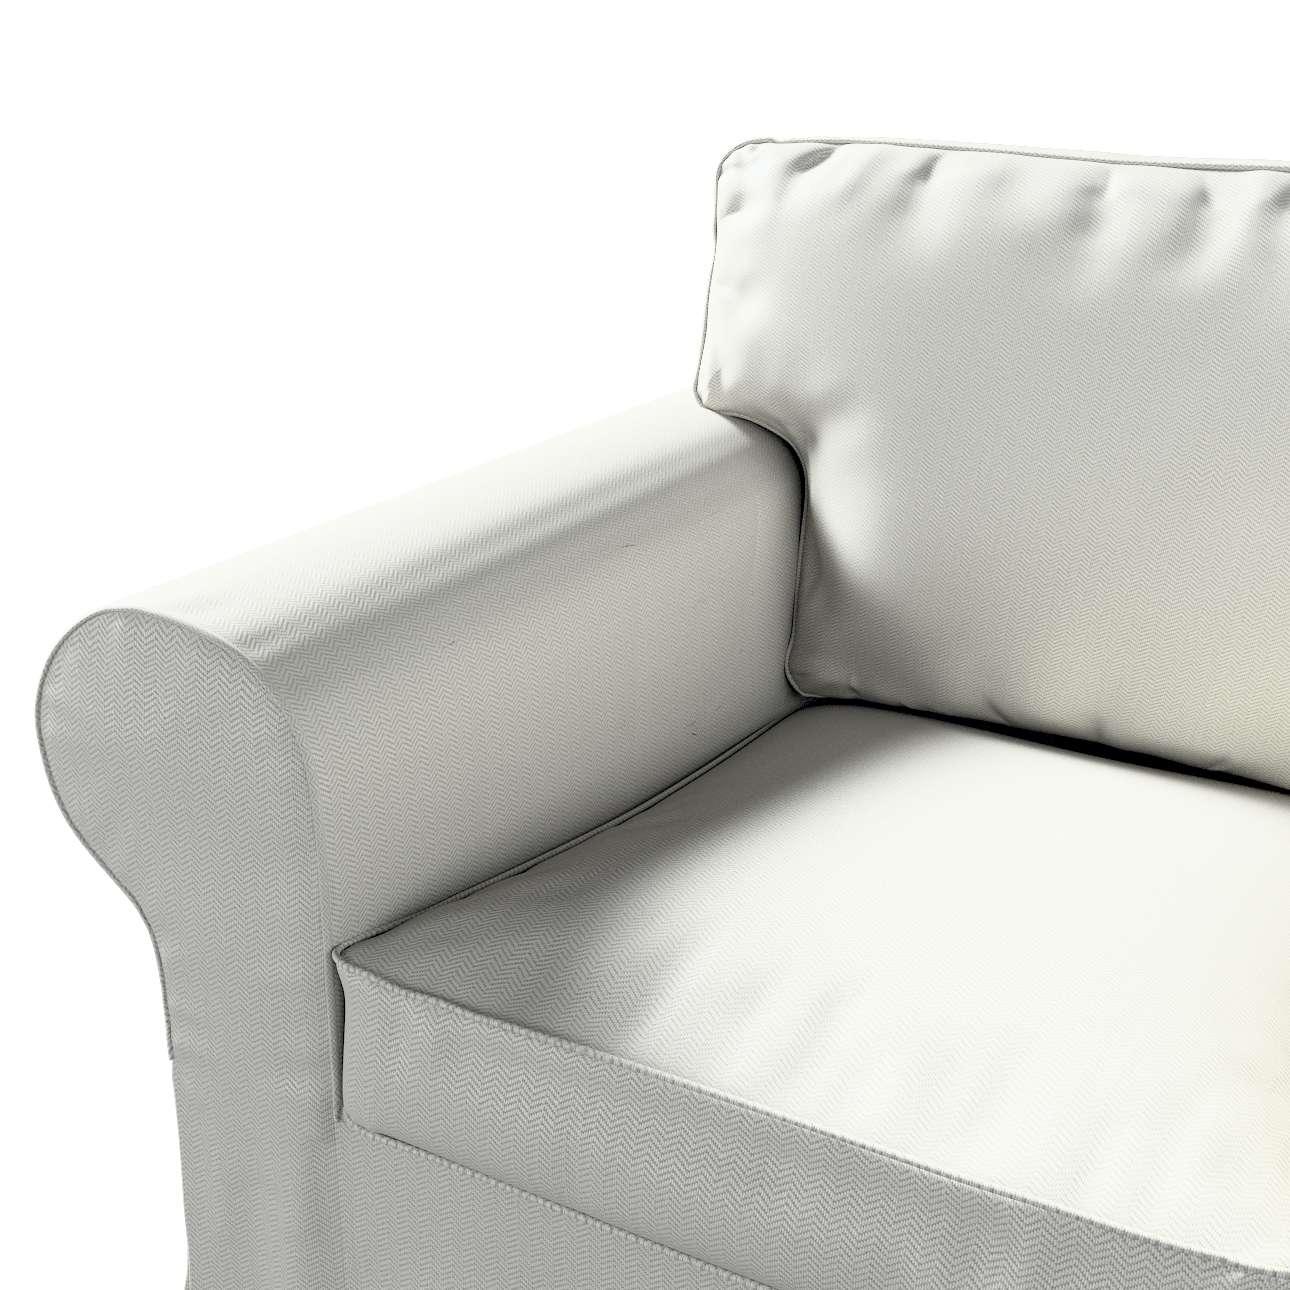 Bezug für Ektorp Sessel von der Kollektion Bergen, Stoff: 161-84